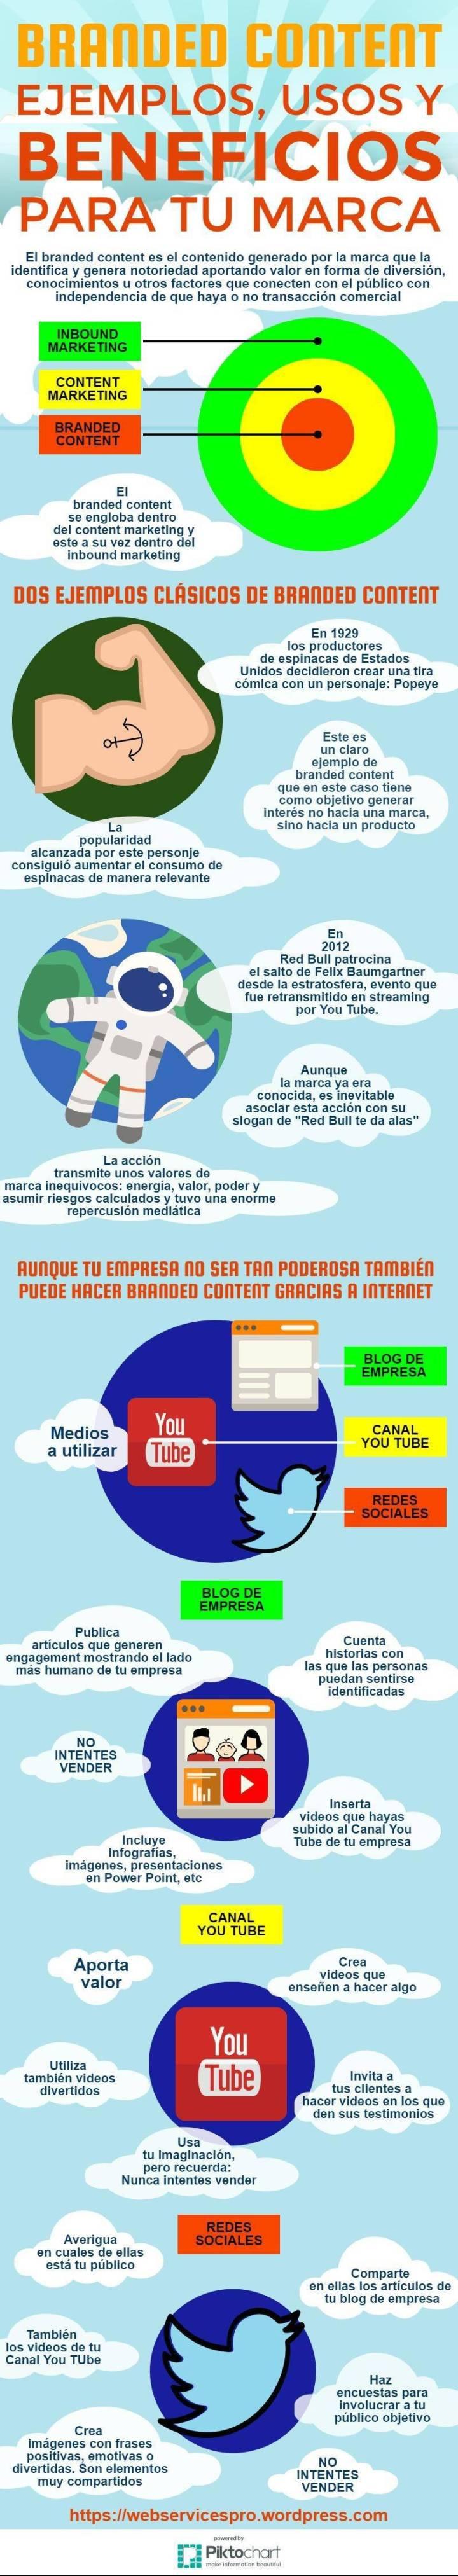 Branded content: ejemplos - usos - beneficios para tu marca